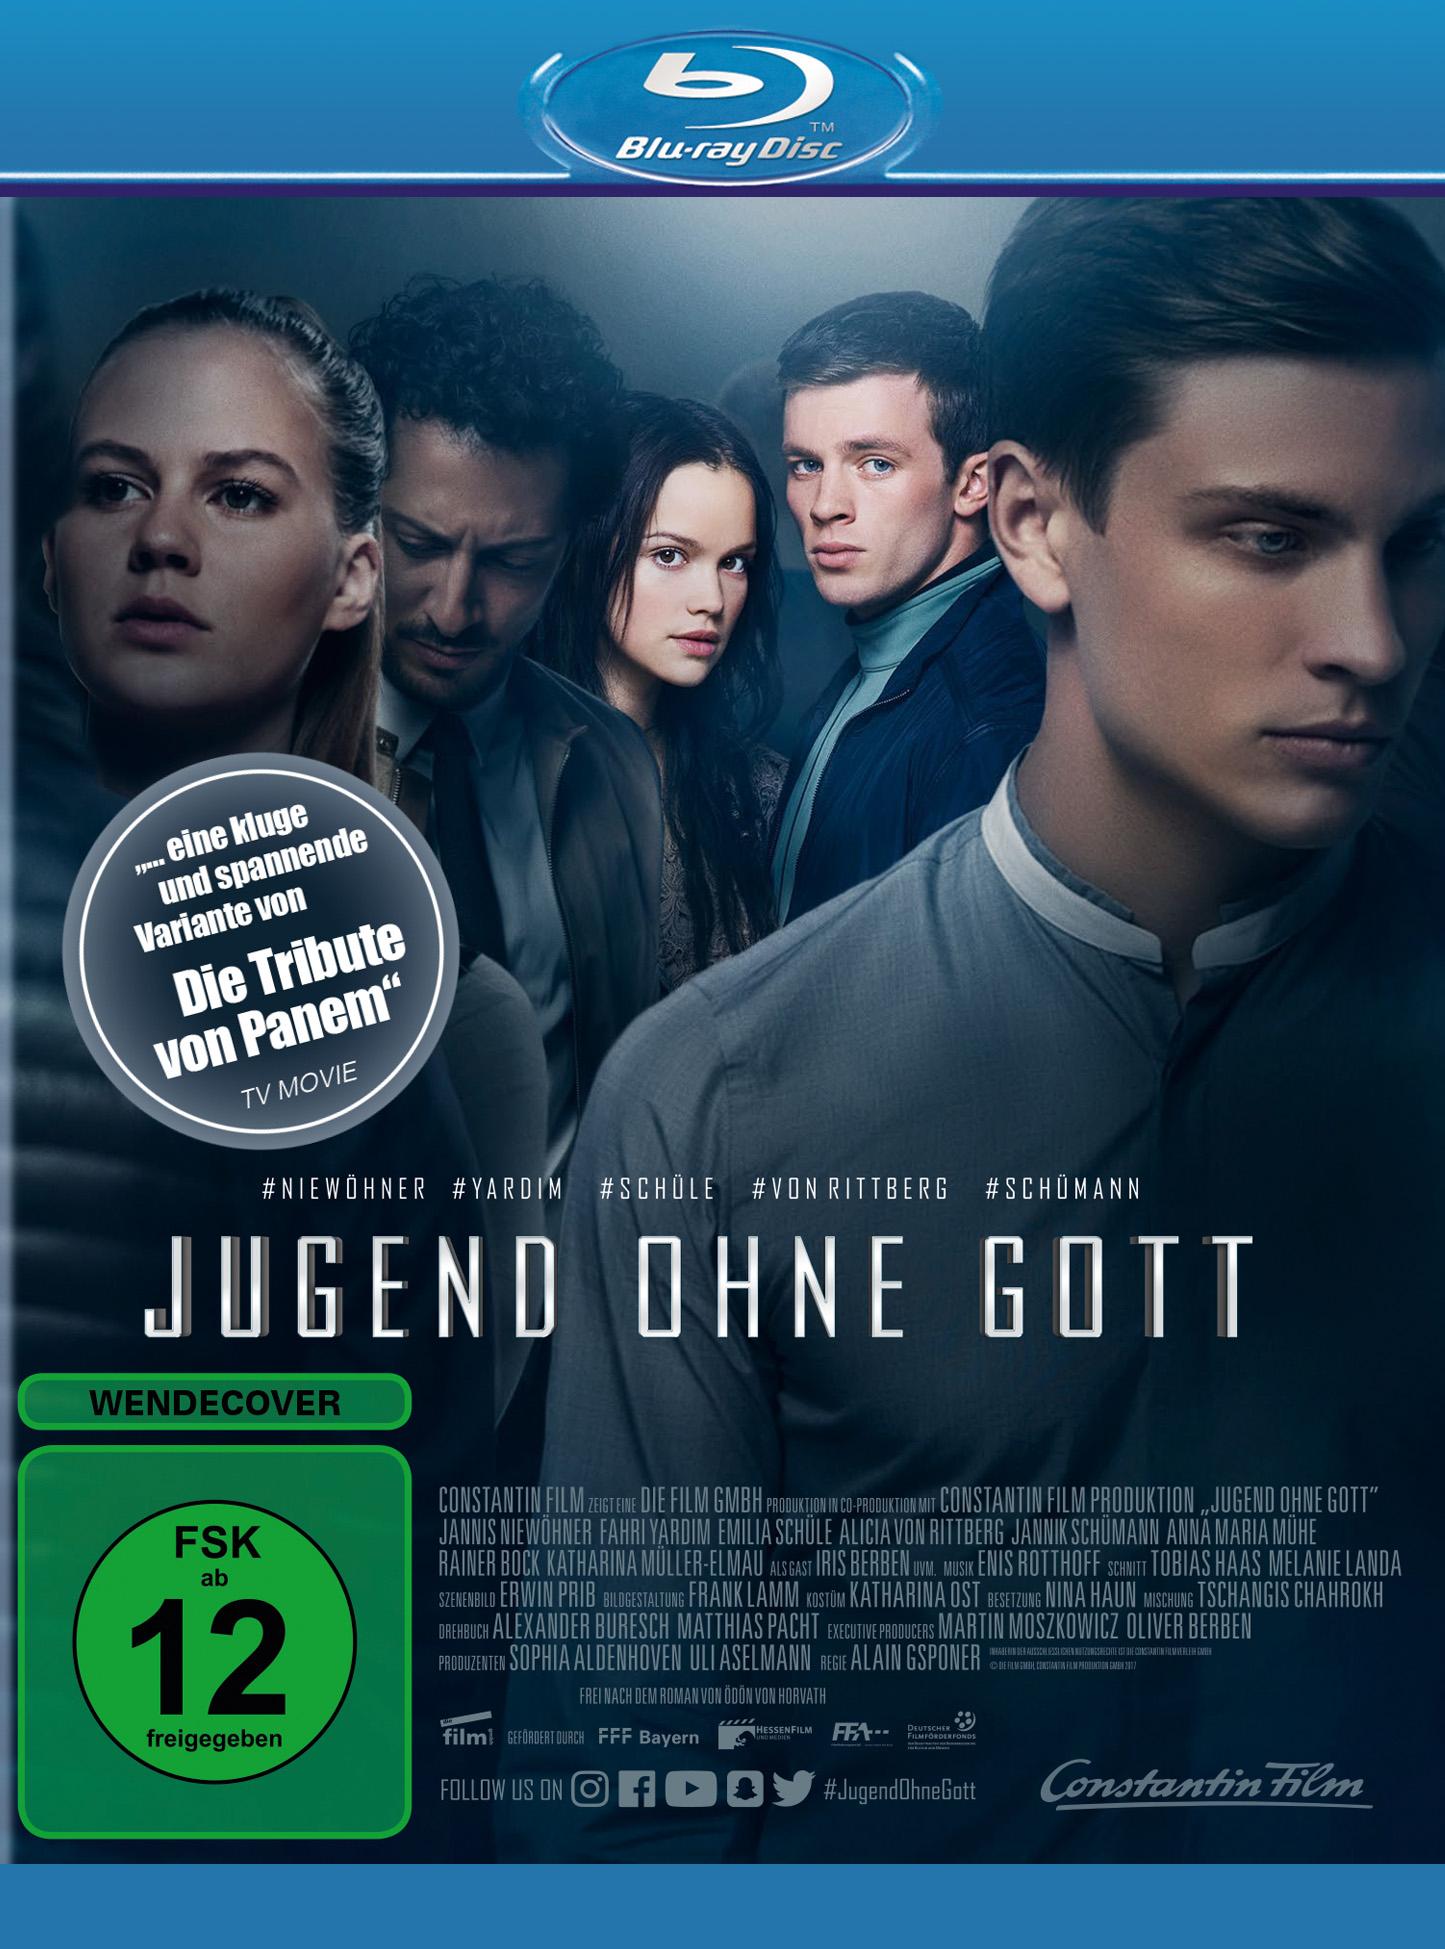 Buchrezension jugend ohne gott ghost writer download free